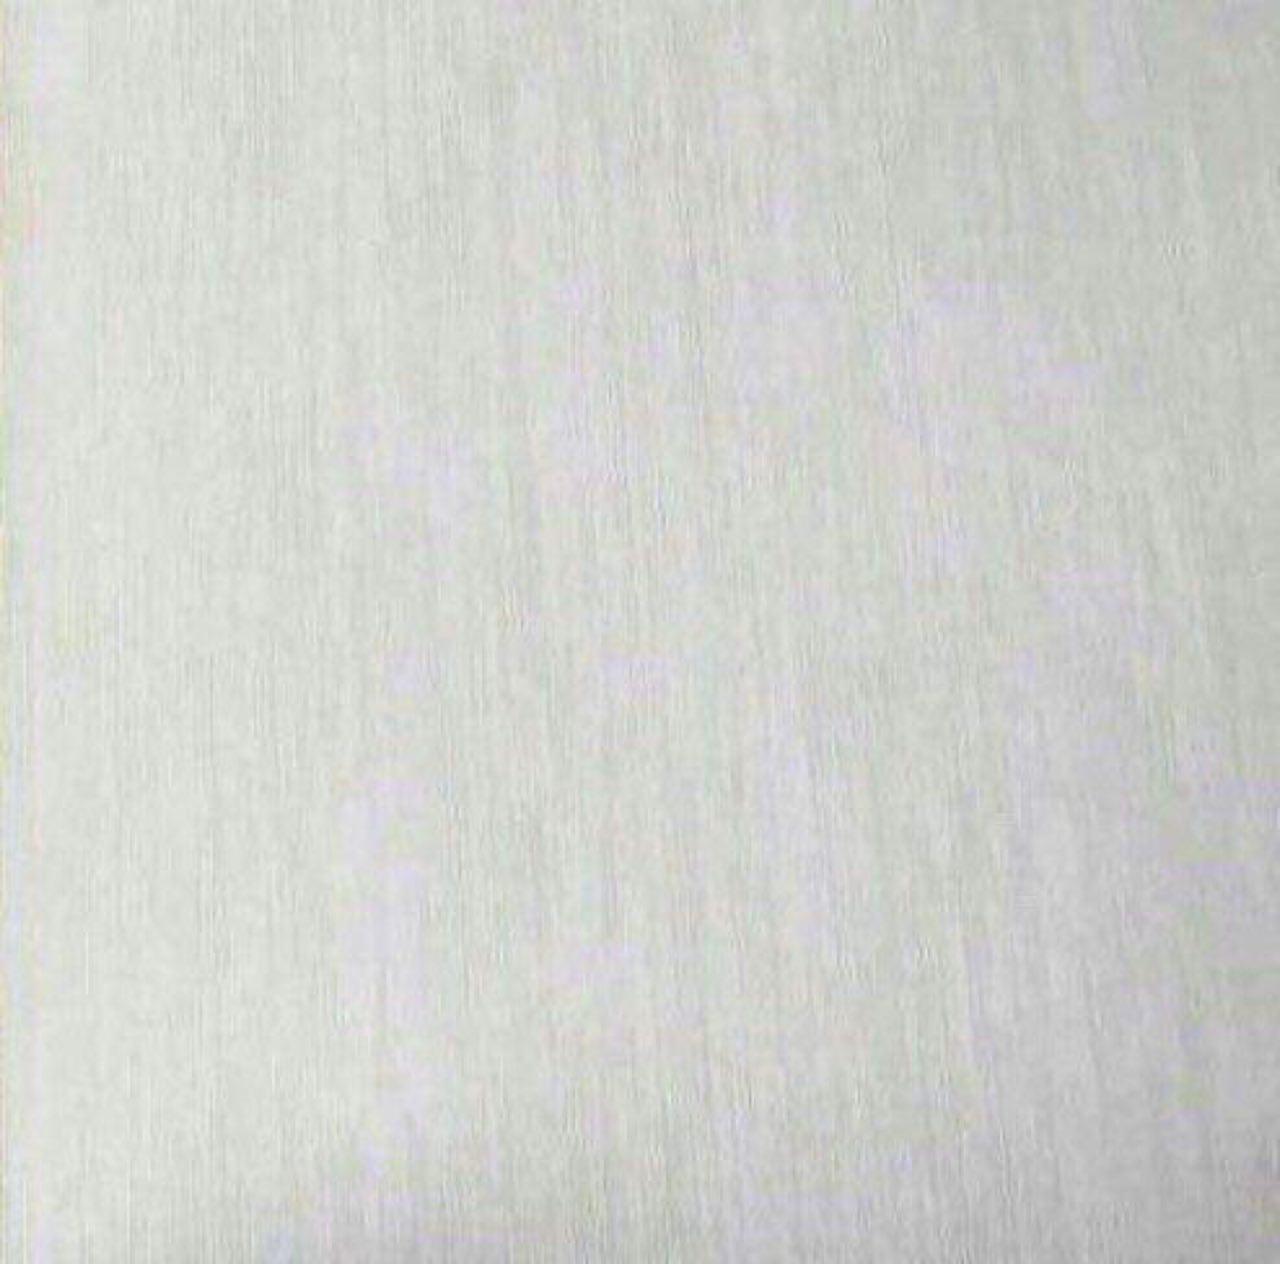 سرامیک کف 60*60 - سرامیک کف 60 در 60 - 60 60